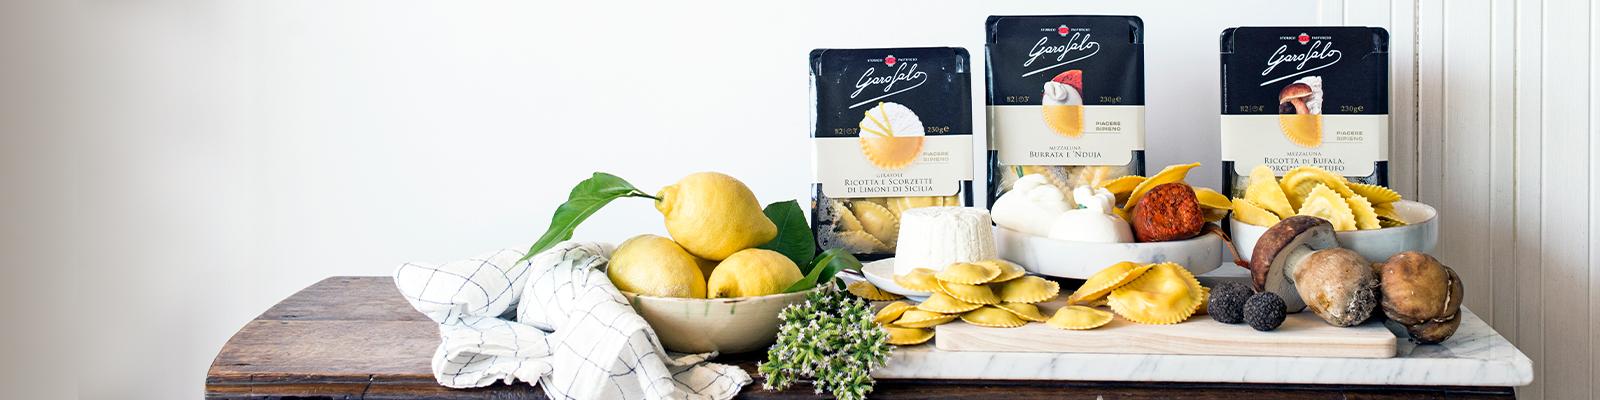 Pasta Garofalo - Pasta Fresca Ripiena